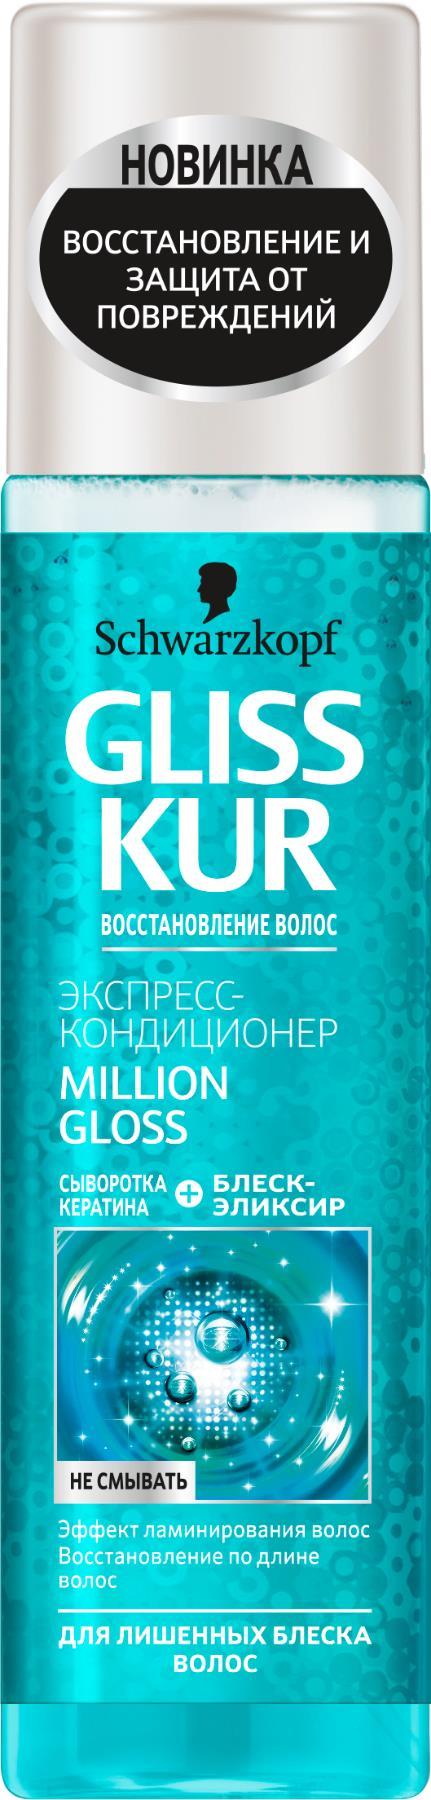 Фото - Экспресс-кондиционер Gliss Kur Million Gloss. Ослепительный блеск, для тусклых и лишенных блеска волос, 200 мл gliss kur экспресс кондиционер экстремальное восстановление для поврежденных и сухих волос 200 мл